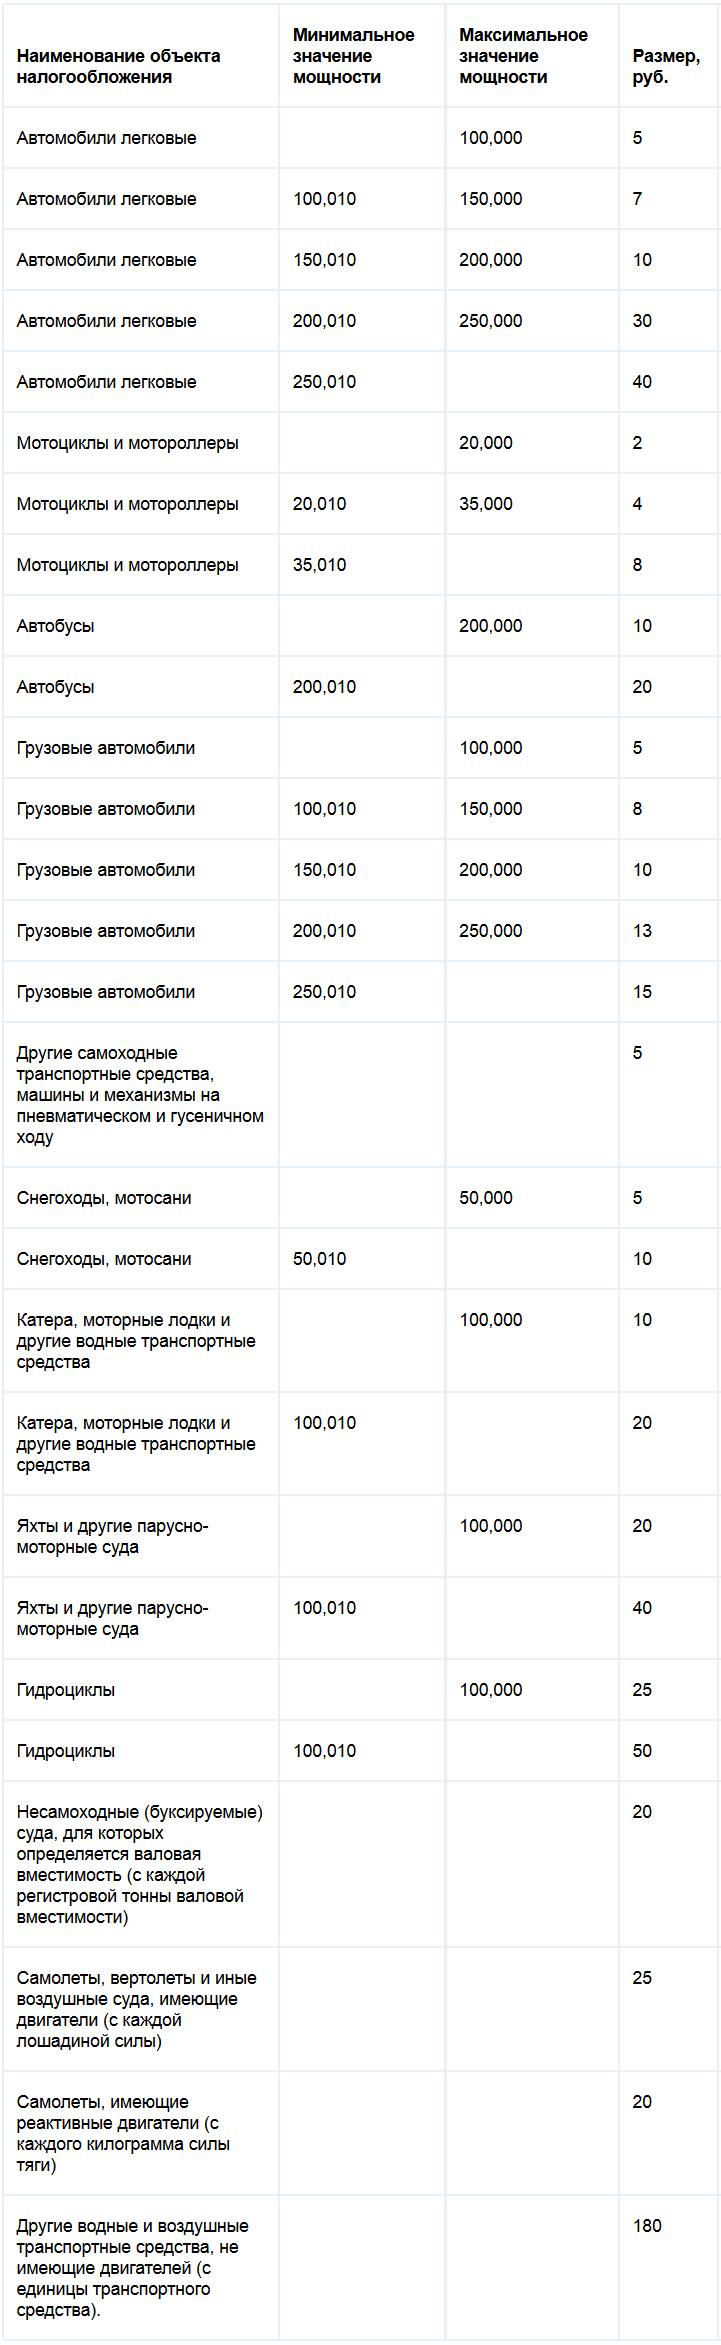 Ставки транспортного налога республики Ингушетия